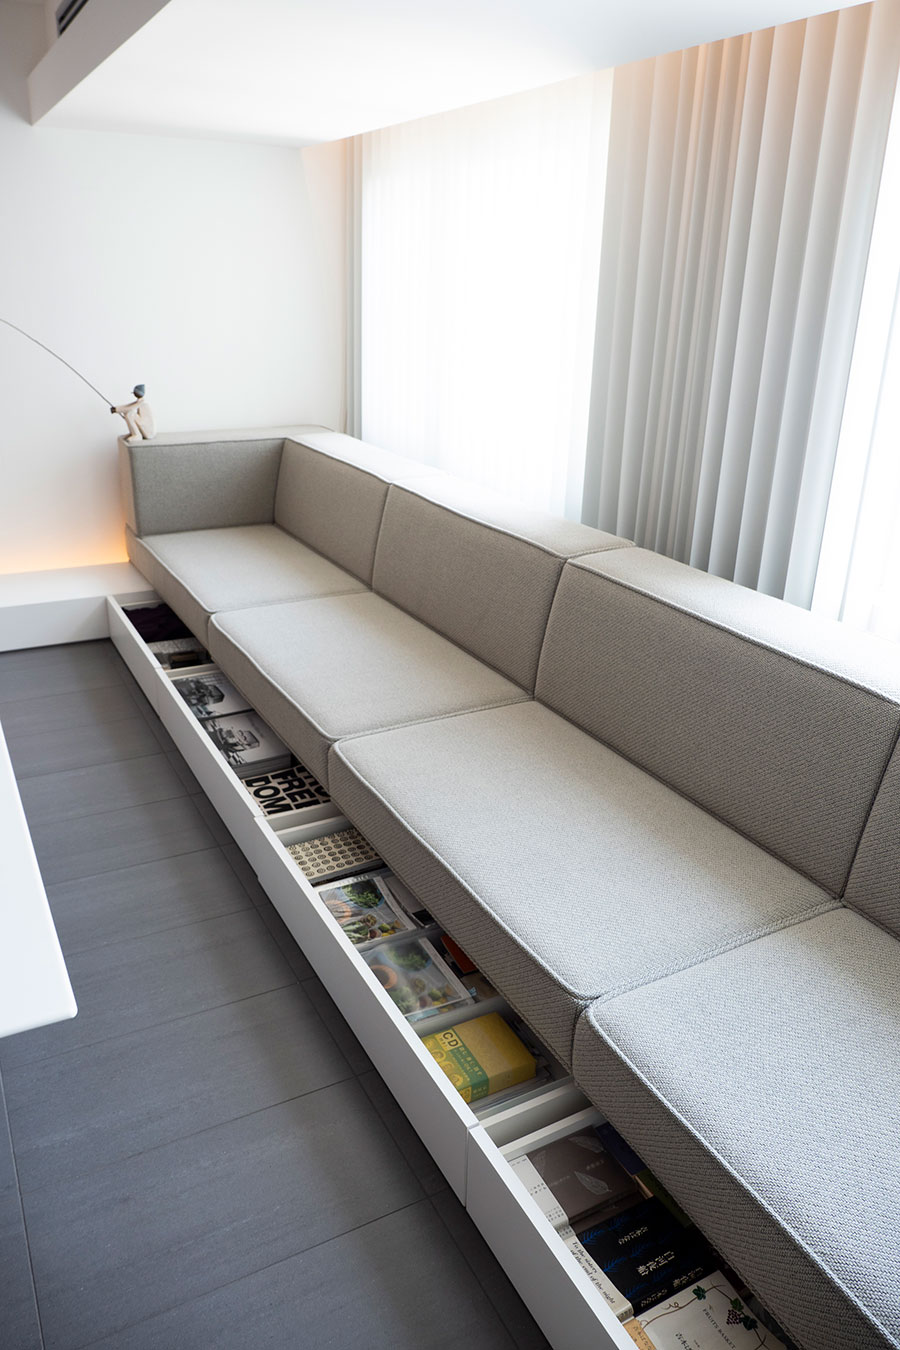 ソファー下には本を収納。増子さんが装丁を担当した「キッチン」「アムリタ」も保管。